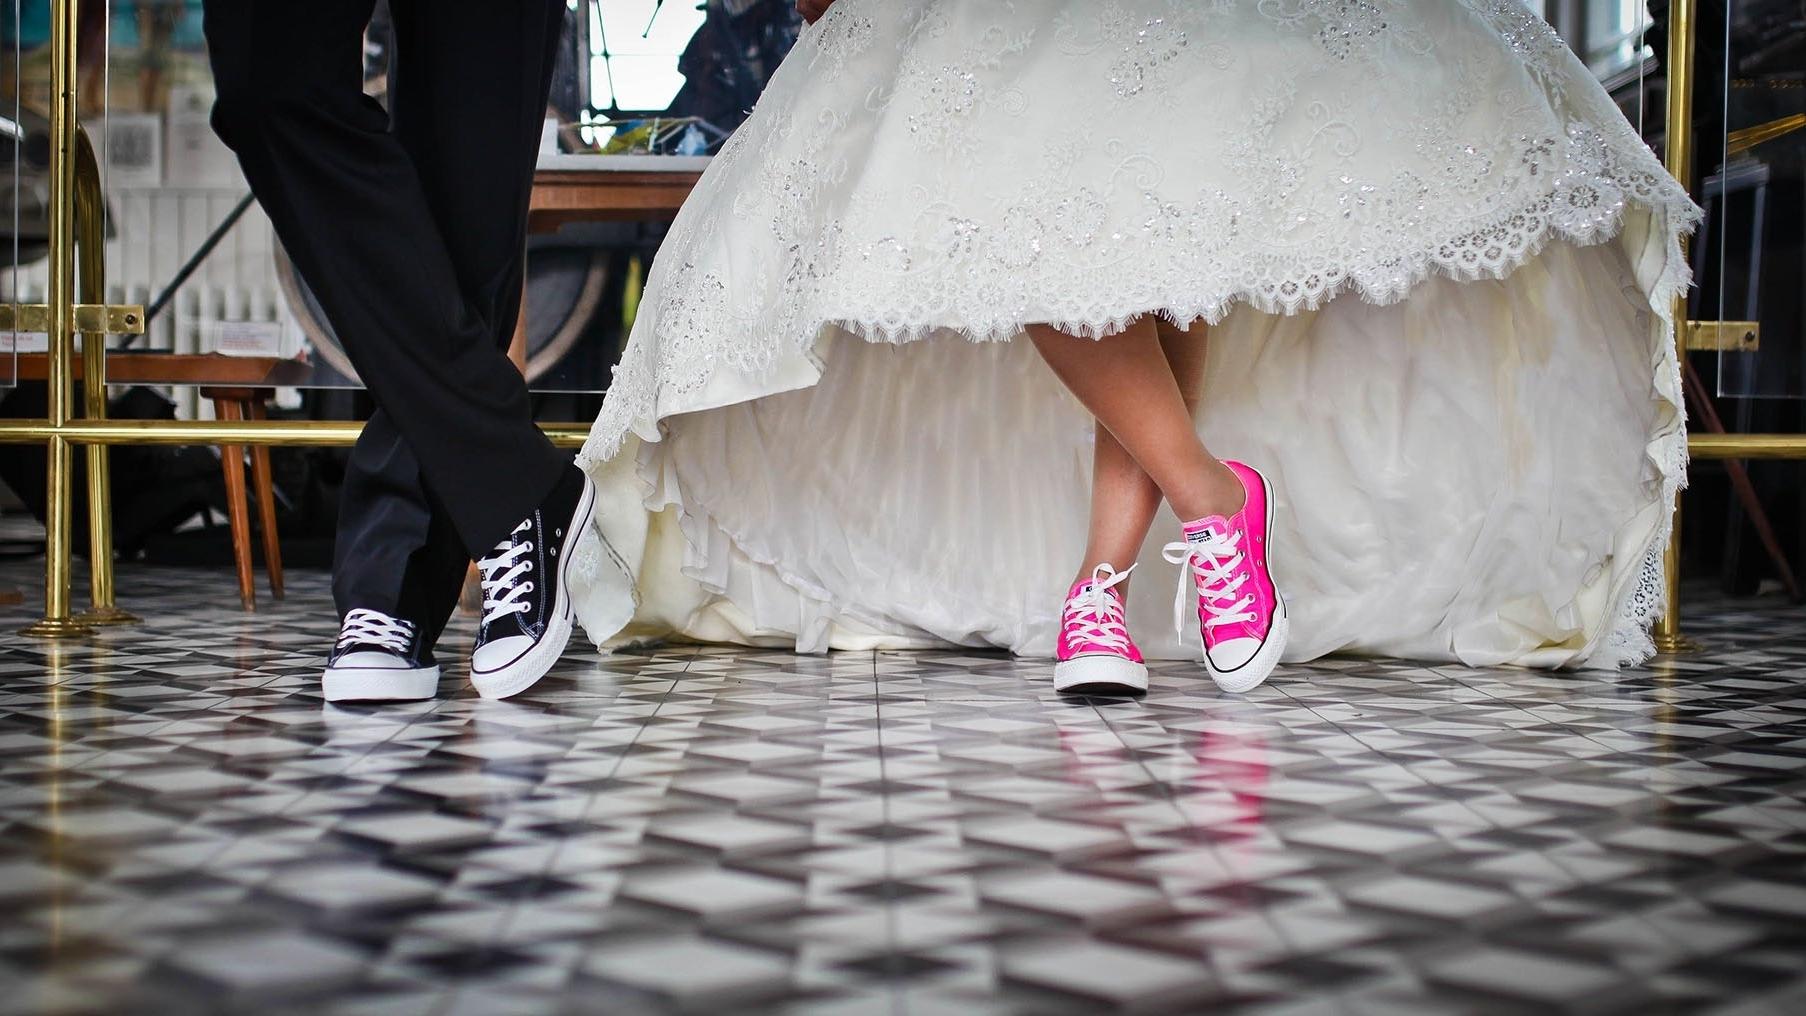 bridal-couple-footwear-38569.jpg